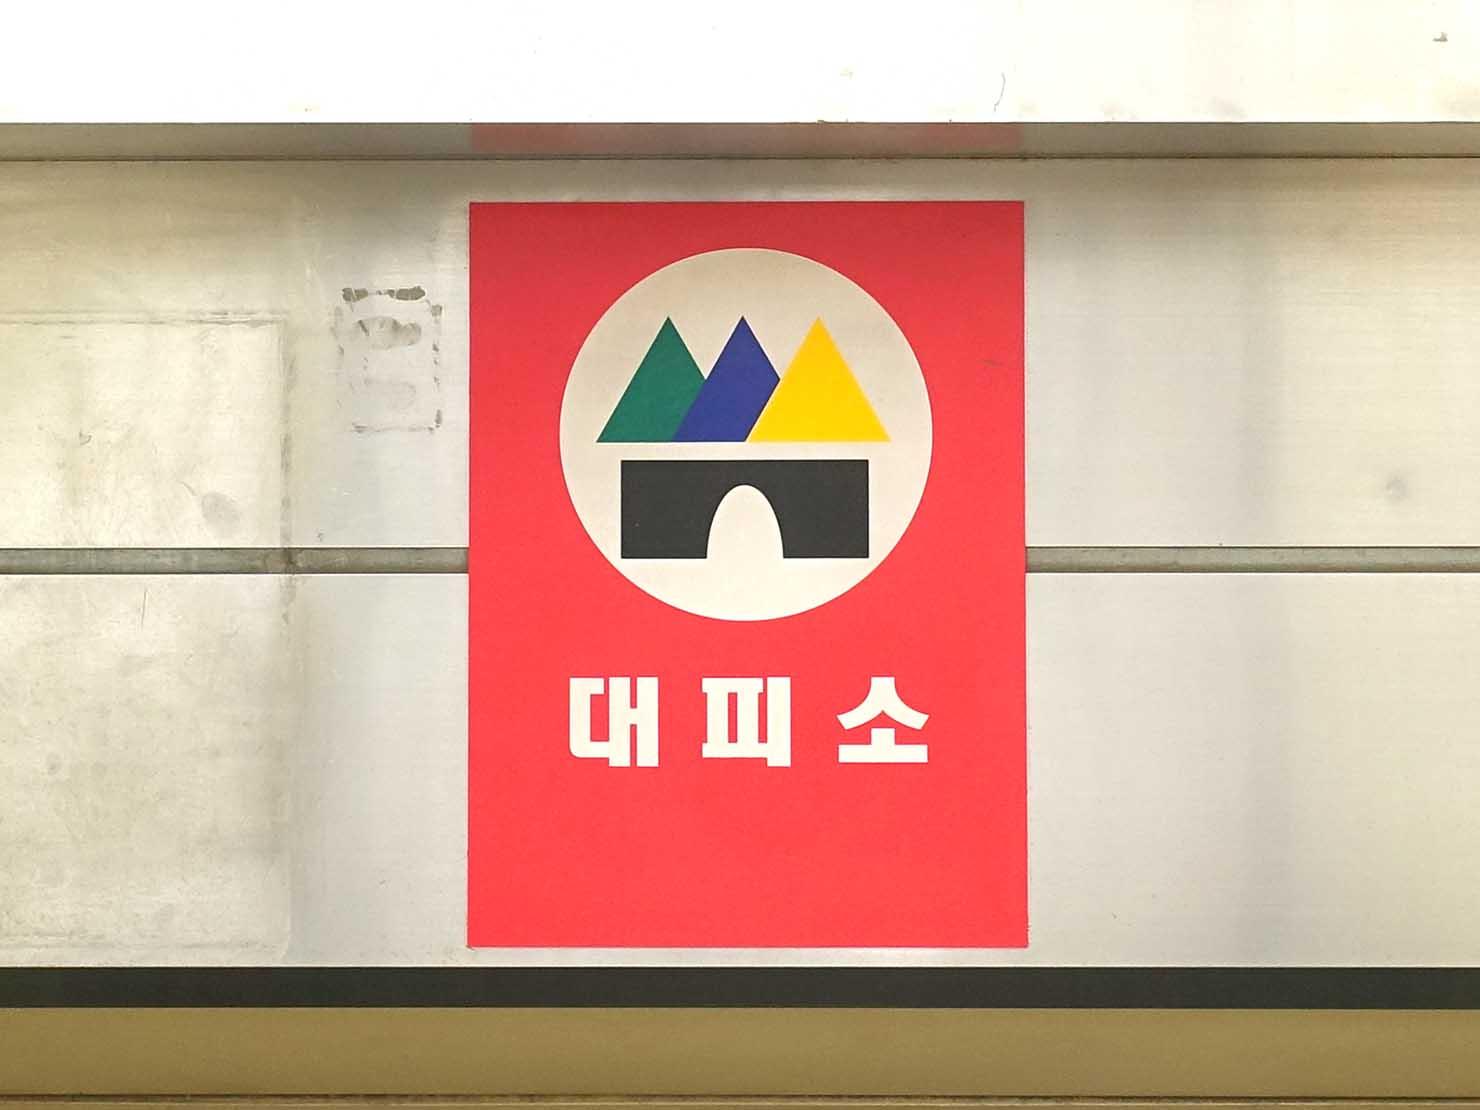 ソウルの街でよく見かけるシェルターマーク